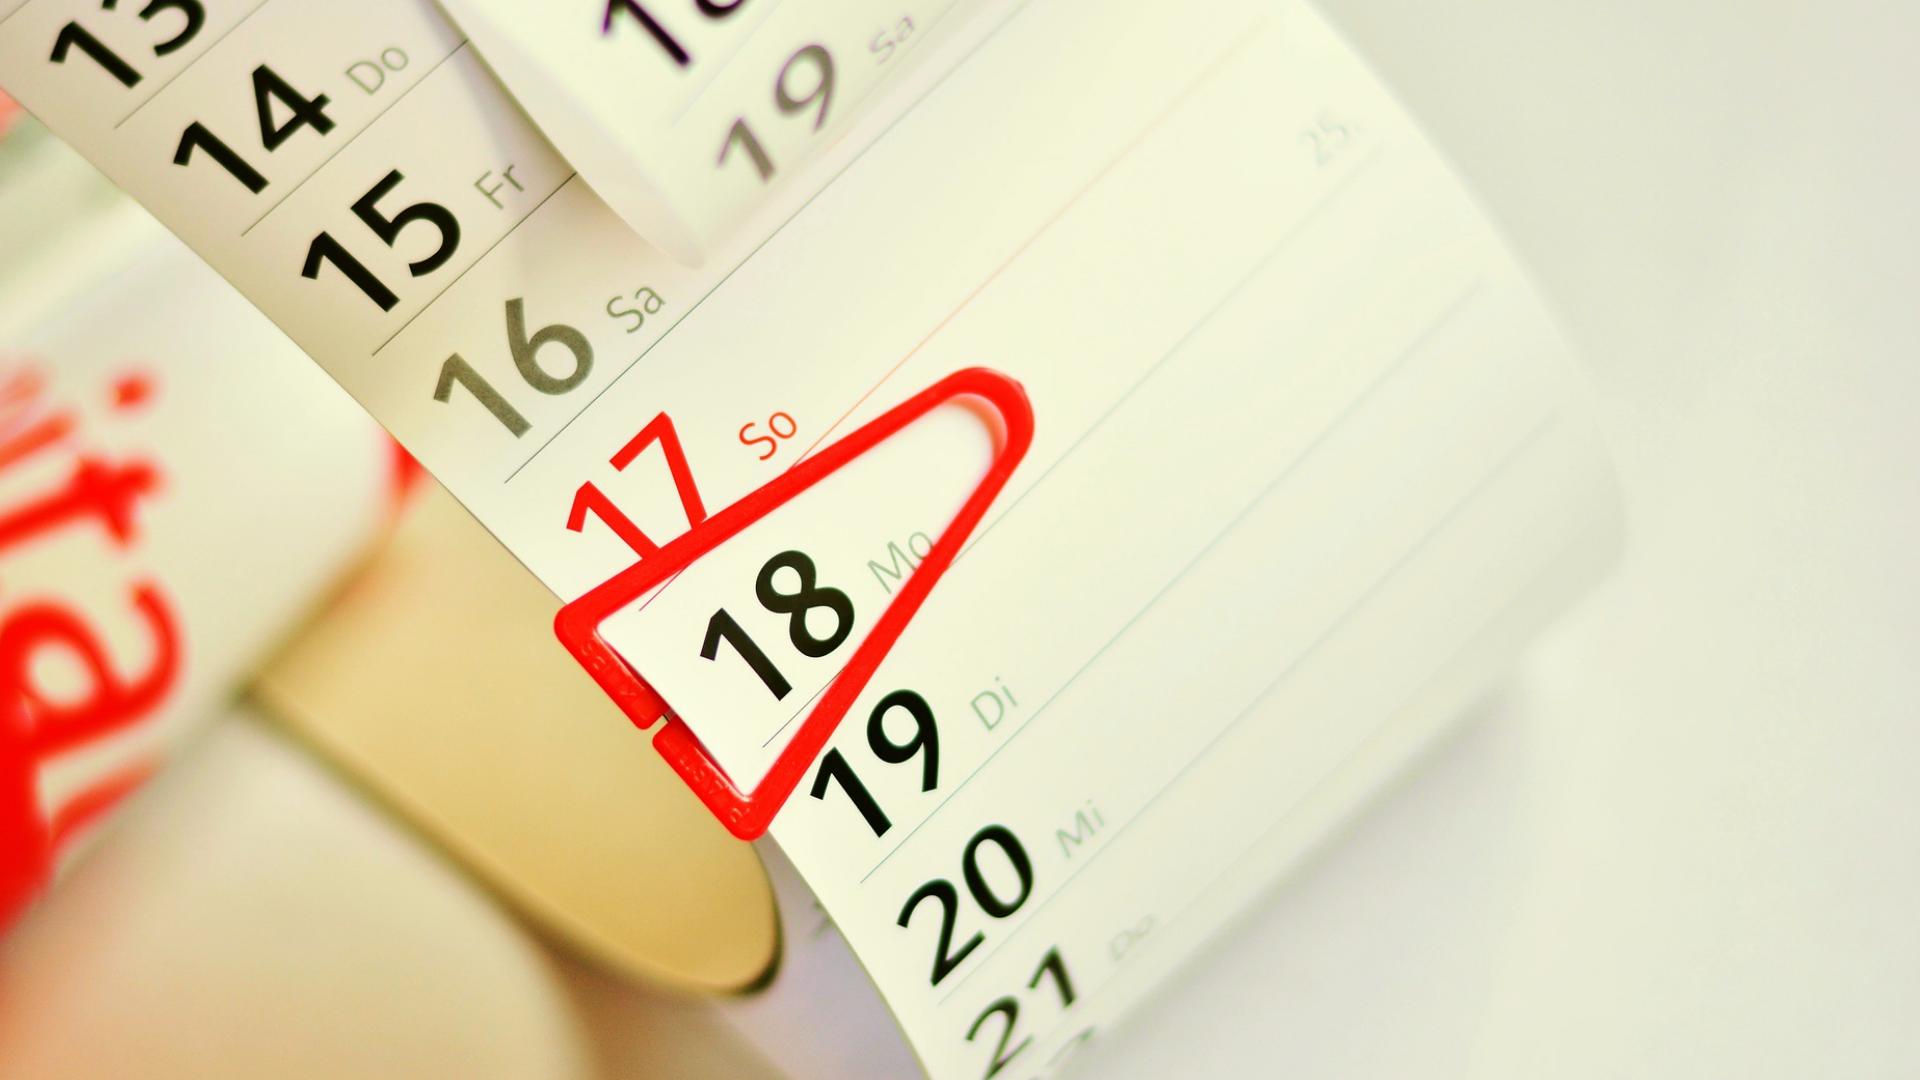 Вихідні дні в 2019 році: графік додаткових днів відпочинку і роботи